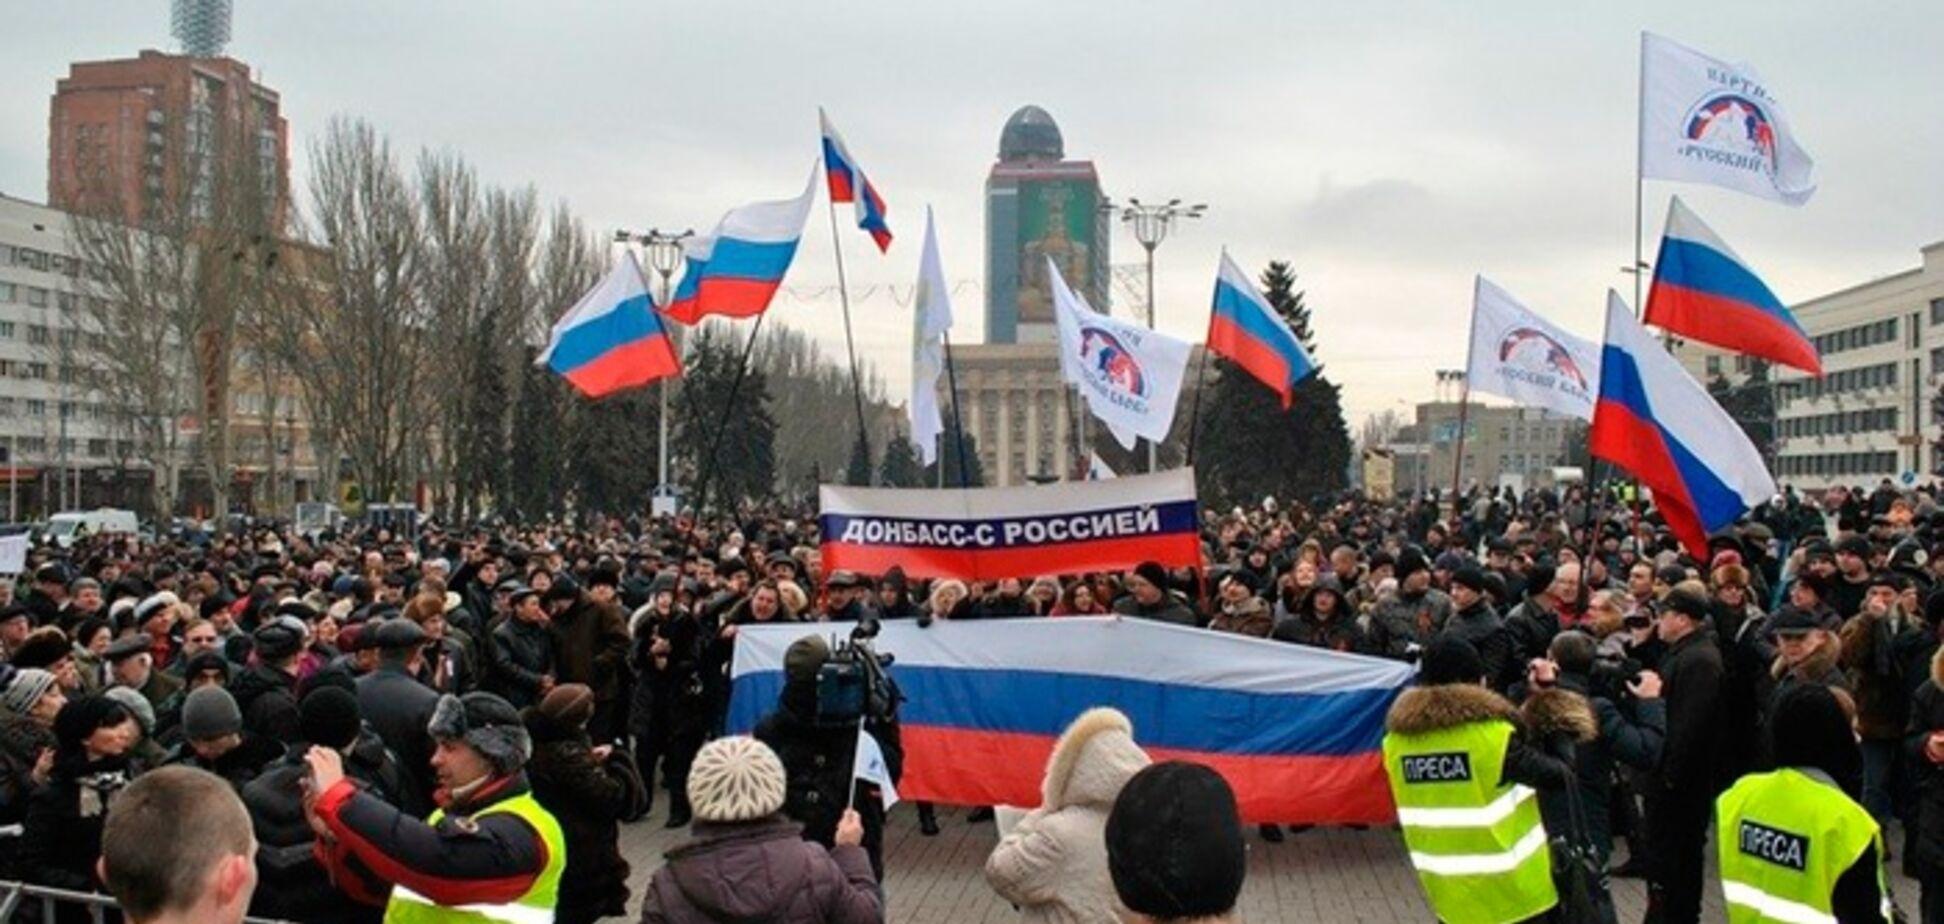 ФСБшник, історик і режисер: розкриті імена тих, хто розпалював 'русскую весну' на Донбасі